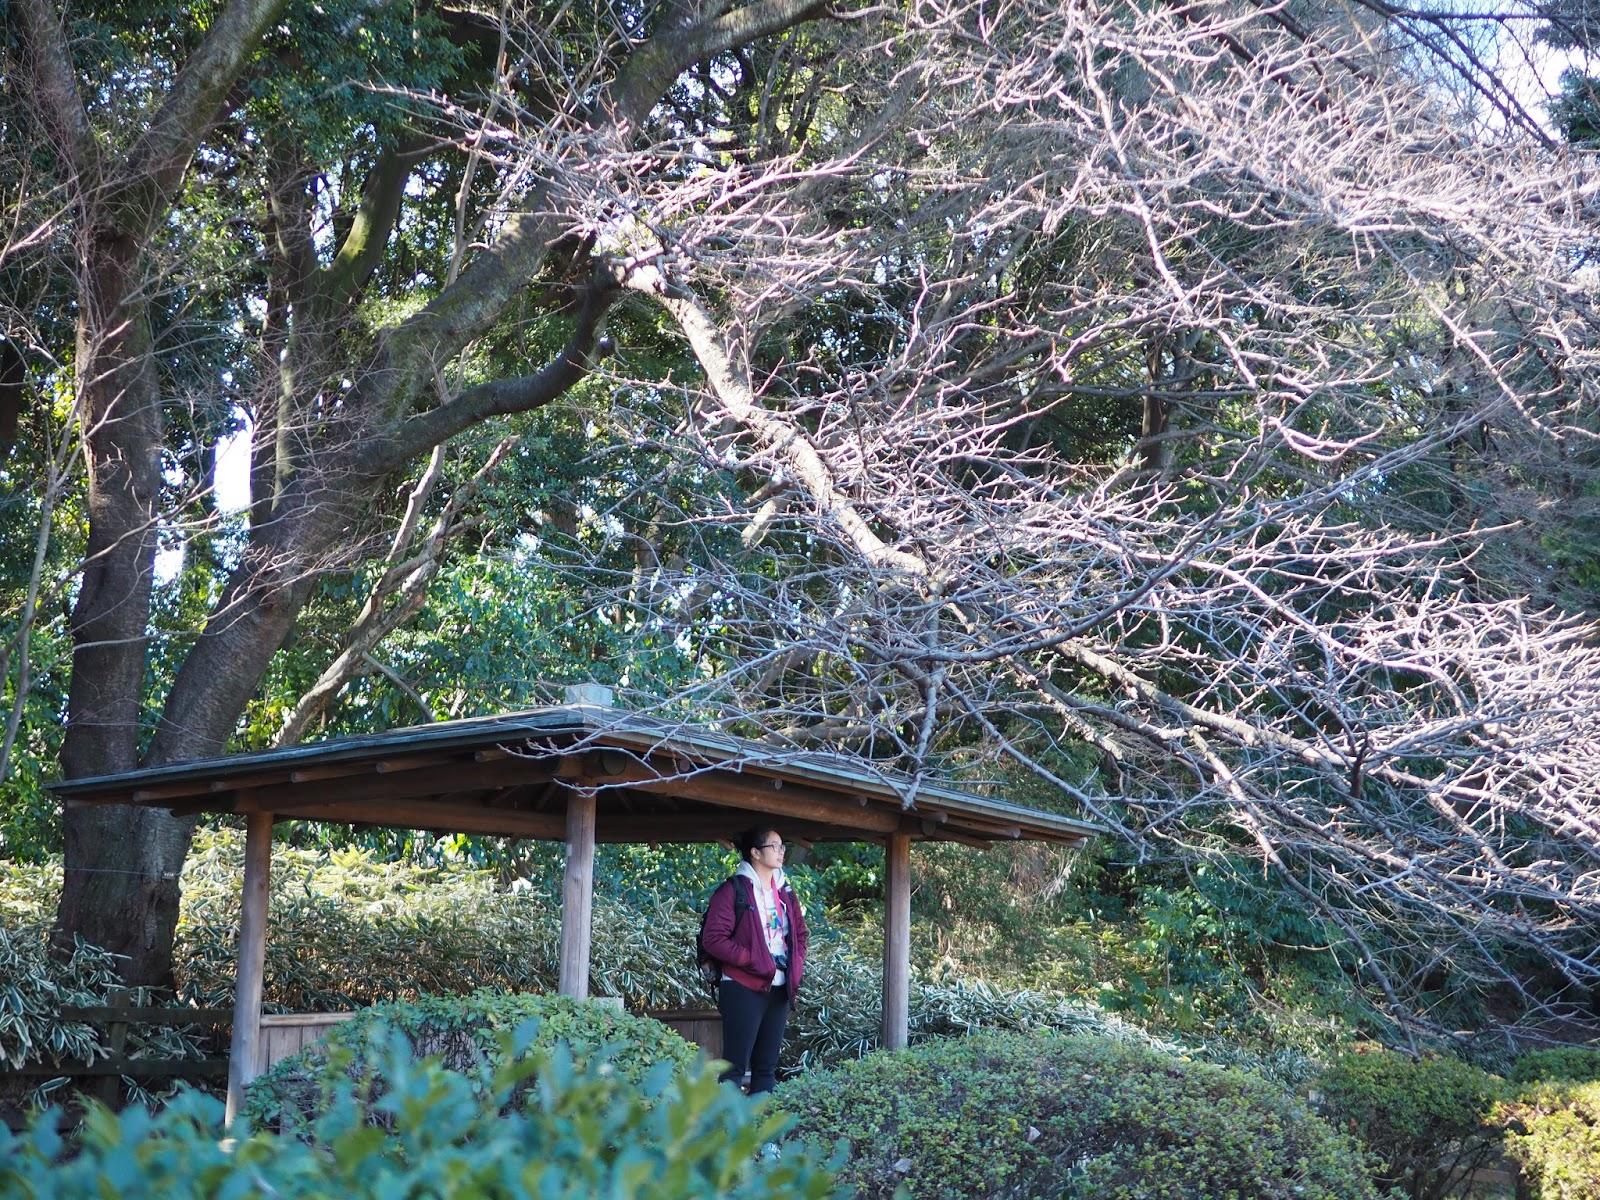 Shinjuku gyoen katsura tree rest stop